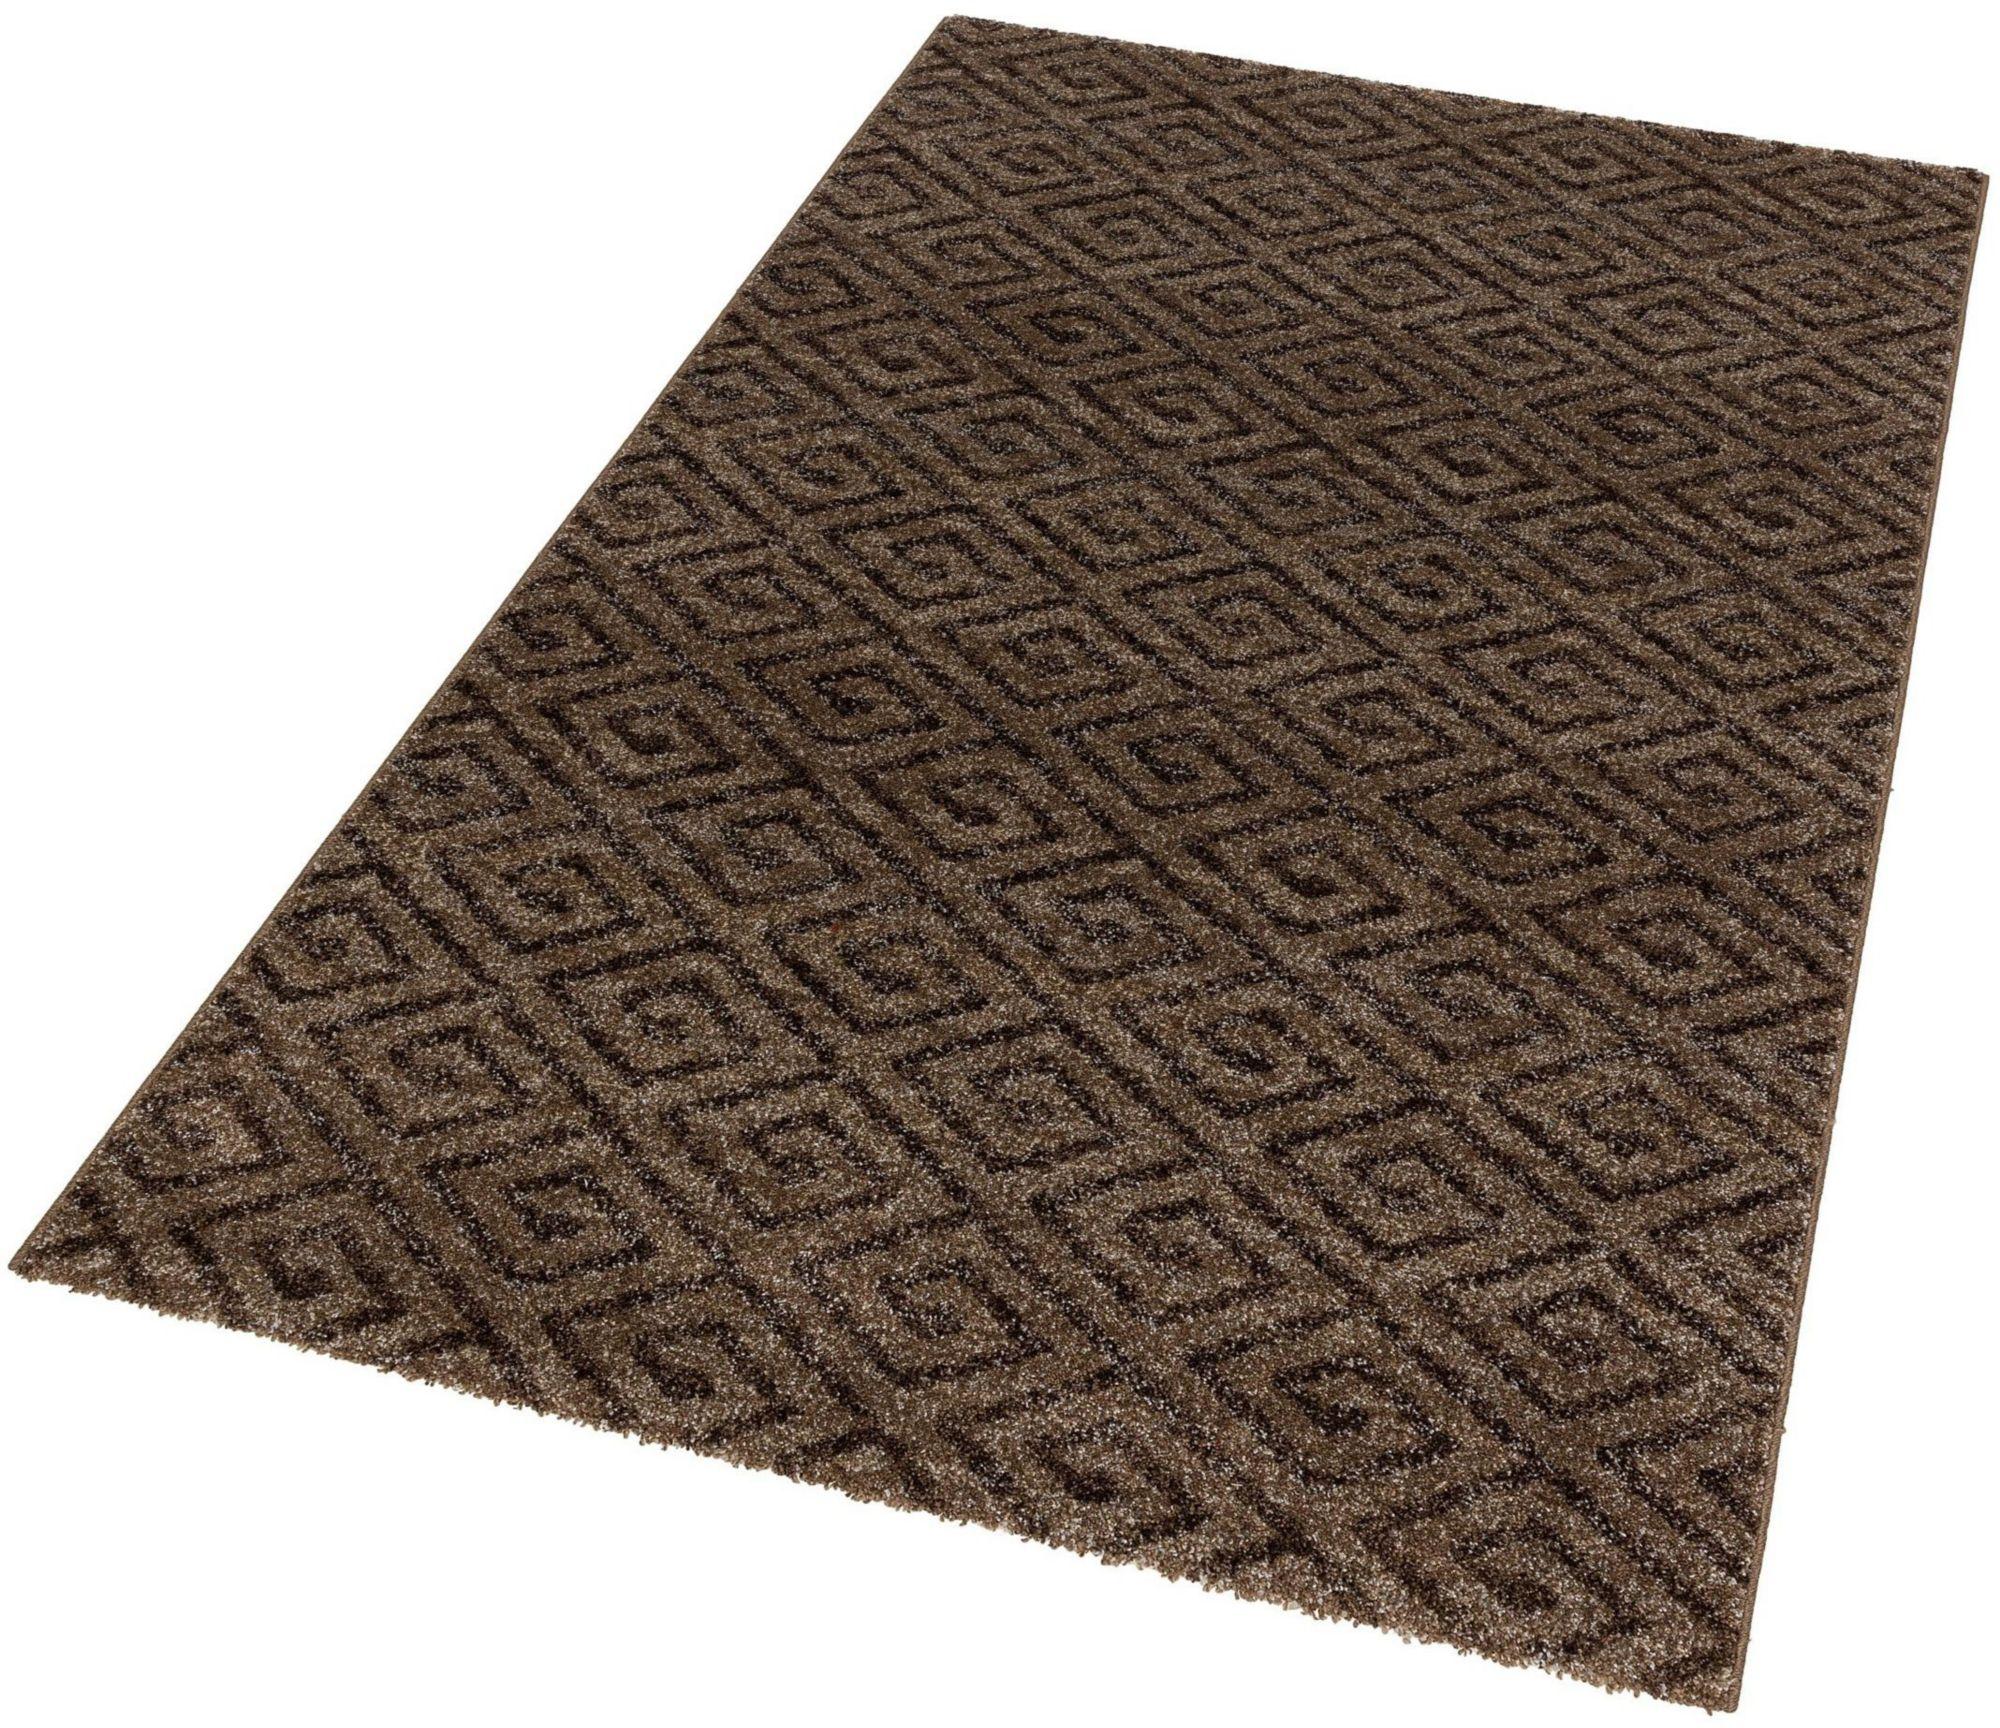 ASTRA Teppich, Astra, »Carpi Raute«, gewebt, Wunschmaß